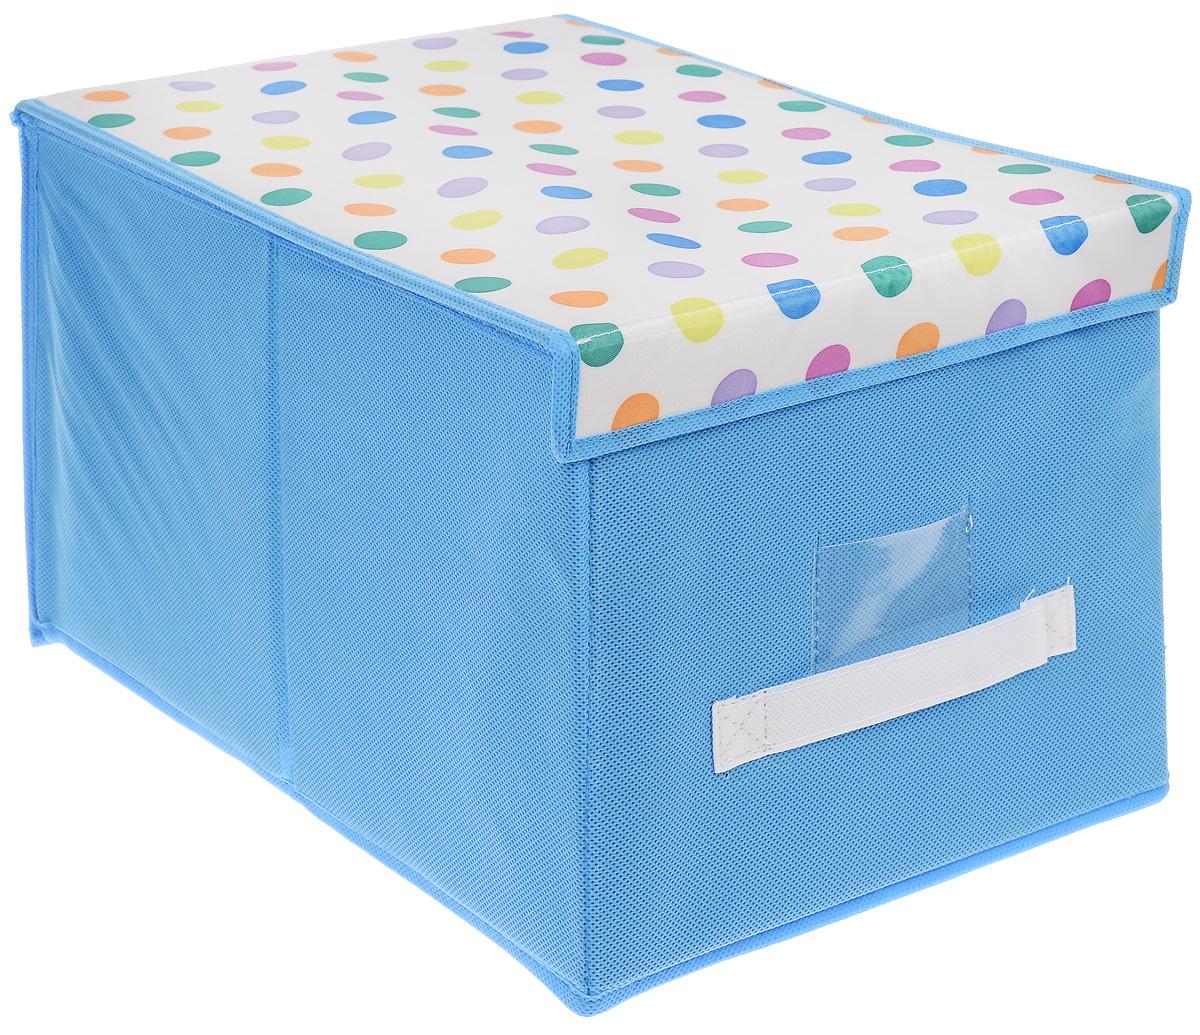 Чехол-коробка для хранения вещей Voila Kids, цвет: голубой, белый, 30 х 40 х 25 смCOVLSCBY12K_голубойЧехол-коробка Voila Kids выполнен из полипропилена. Изделие предназначено для хранения вещей. Он защитит вещи от повреждений, пыли, влаги и загрязнений во время хранения и транспортировки. Чехол-коробка идеально подходит для хранения детских вещей и игрушек. Жесткий каркас из плотного толстого картона обеспечивает устойчивость конструкции. Крышка, оформленная принтом горох, закрывается на липучки. В прозрачном окне-кармашке на передней стенке чехла можно поместить бумажную этикетку с указанием содержимого чехла-коробки.